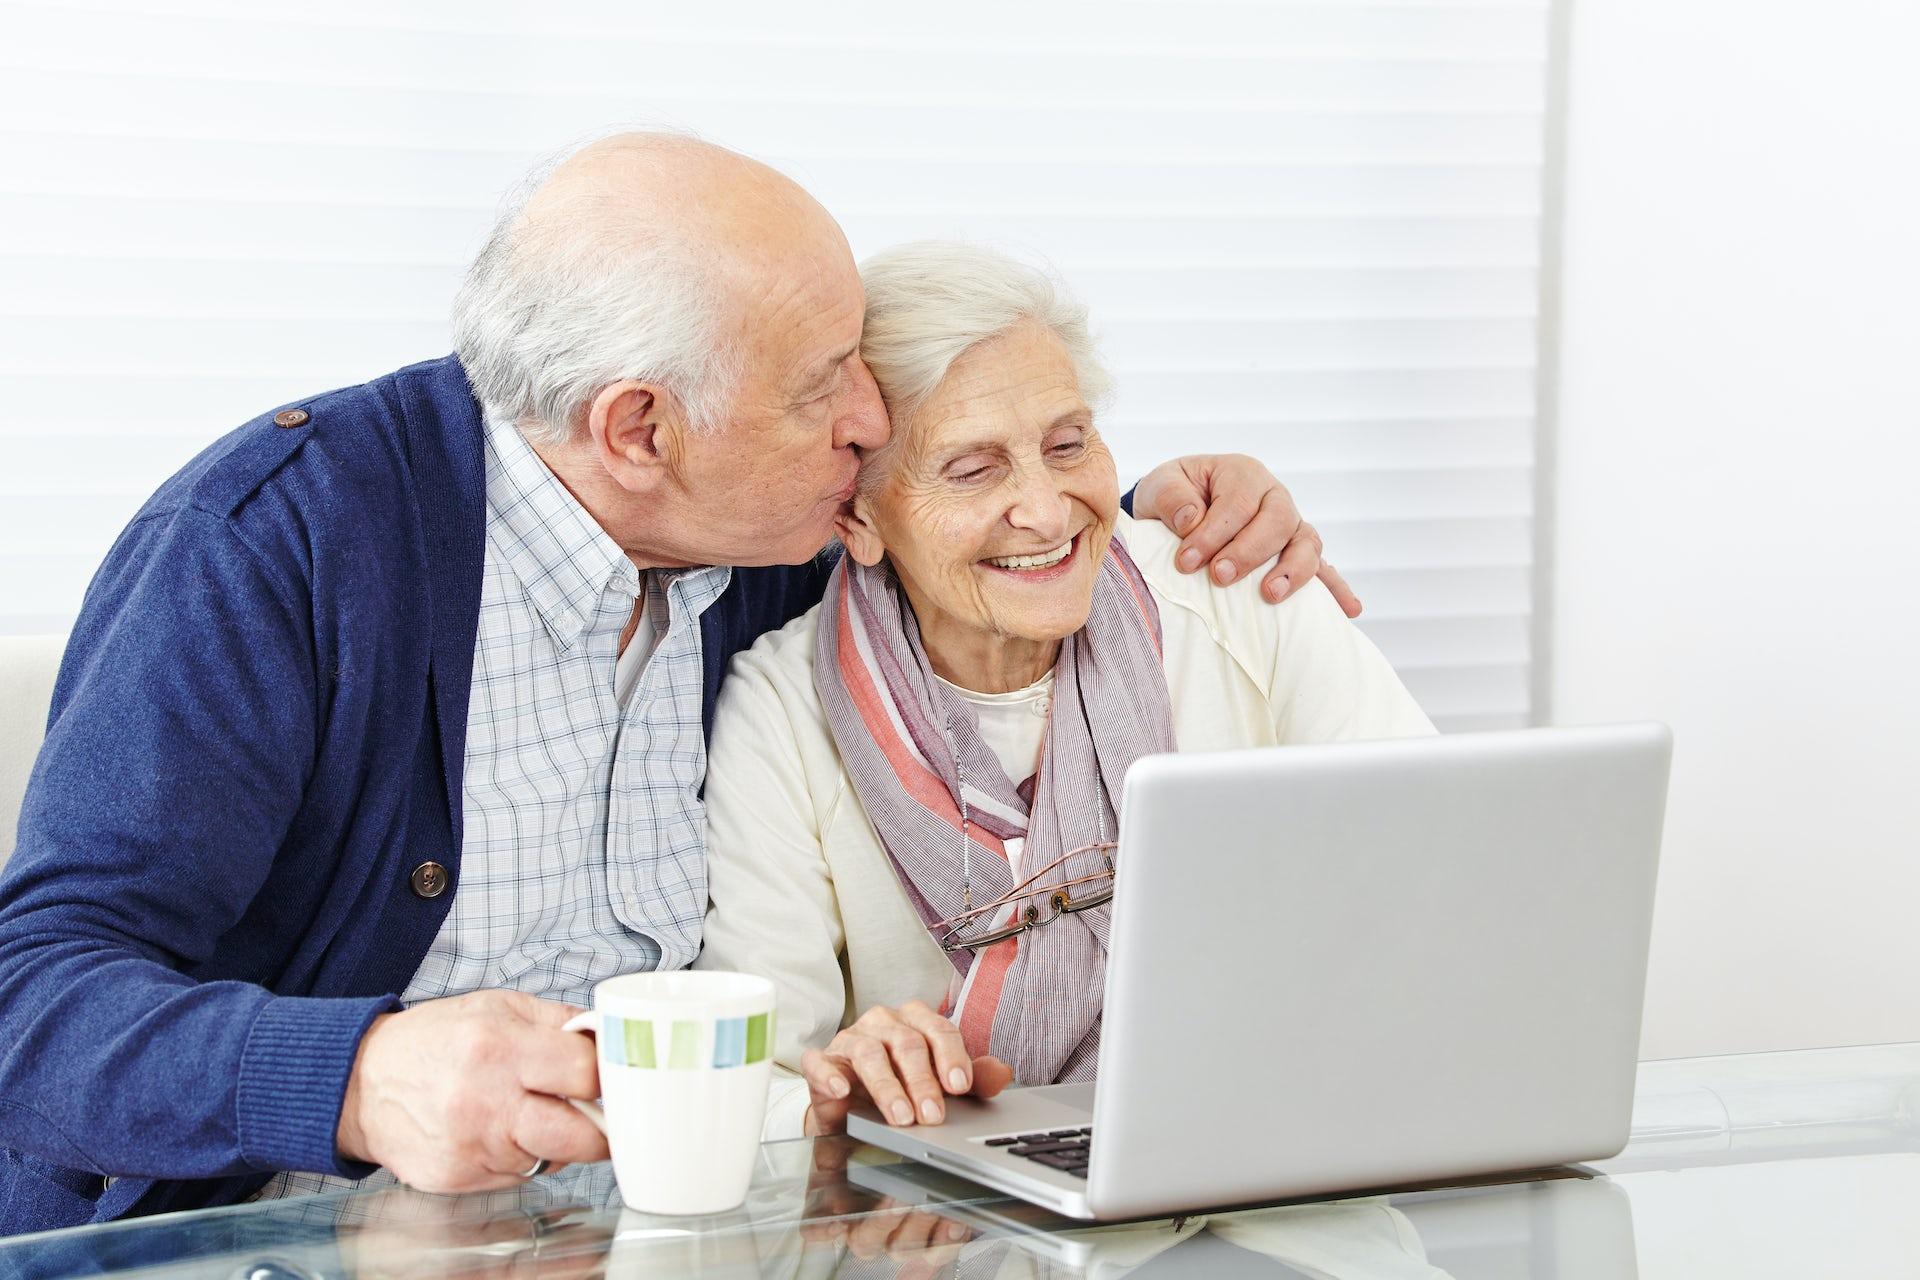 Seniors dating sites australia